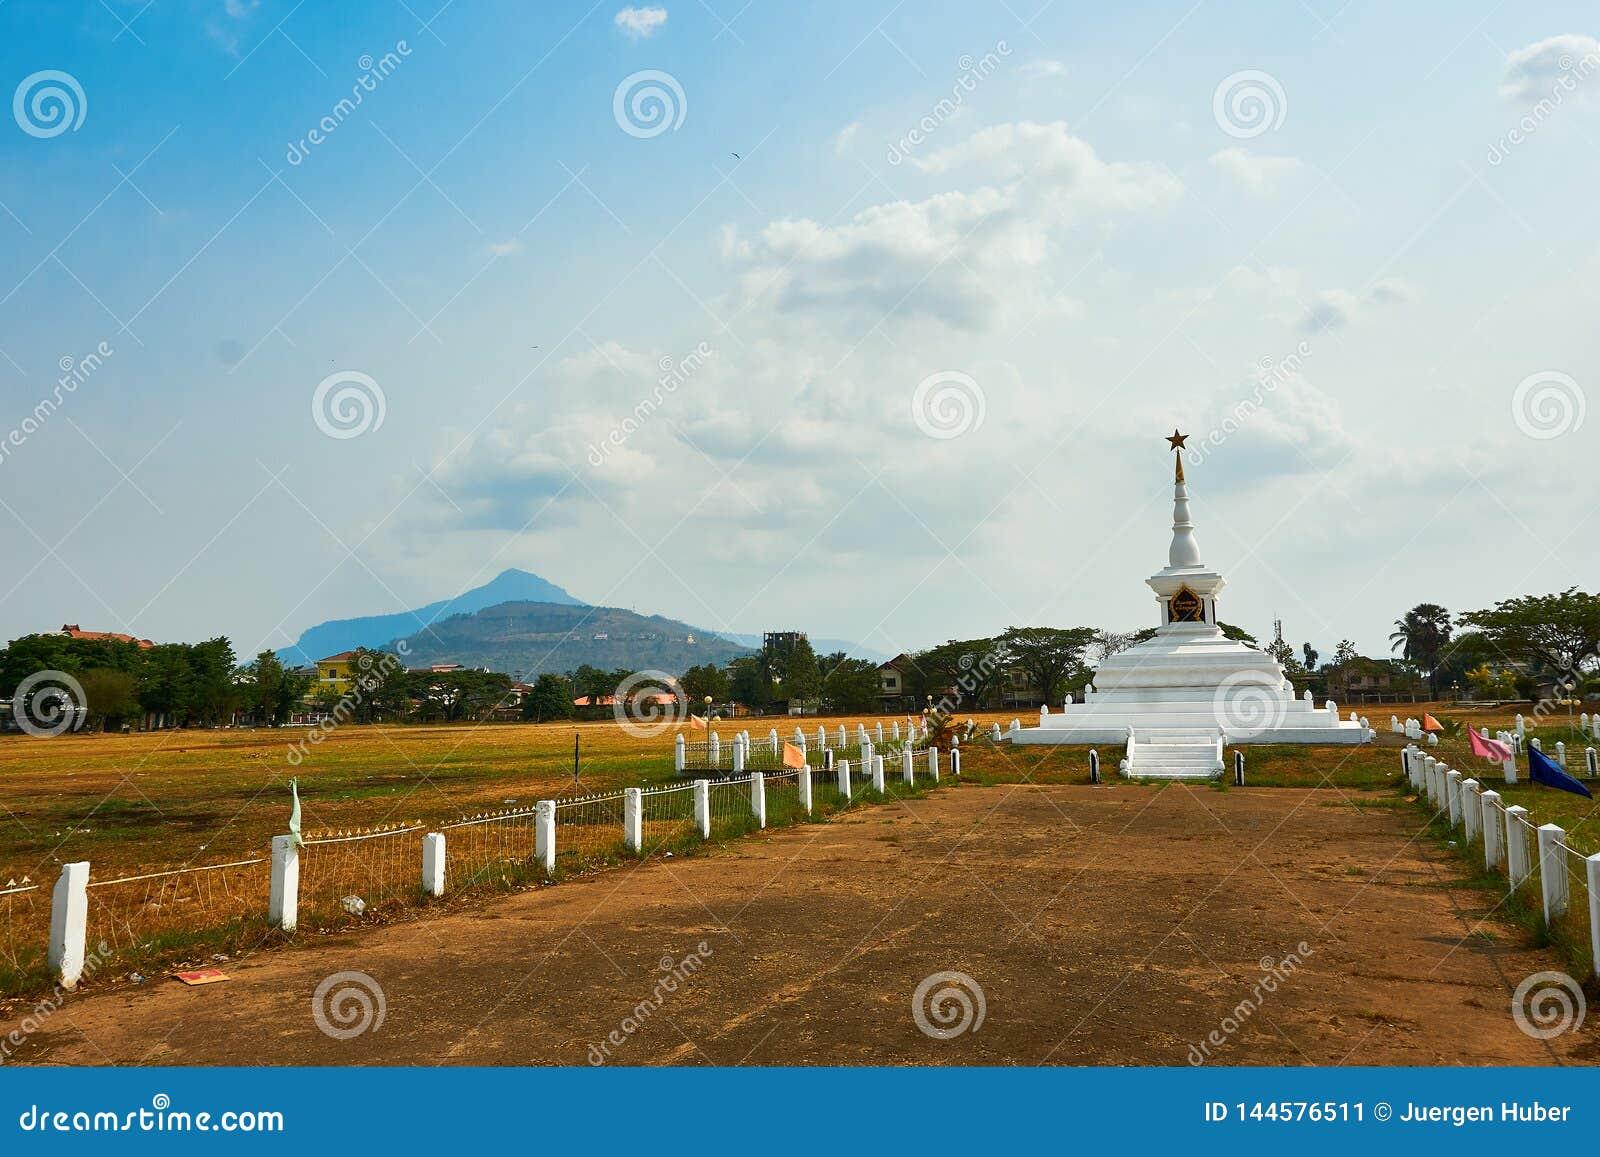 Monumento de Keysone no pakse laos na estação seca